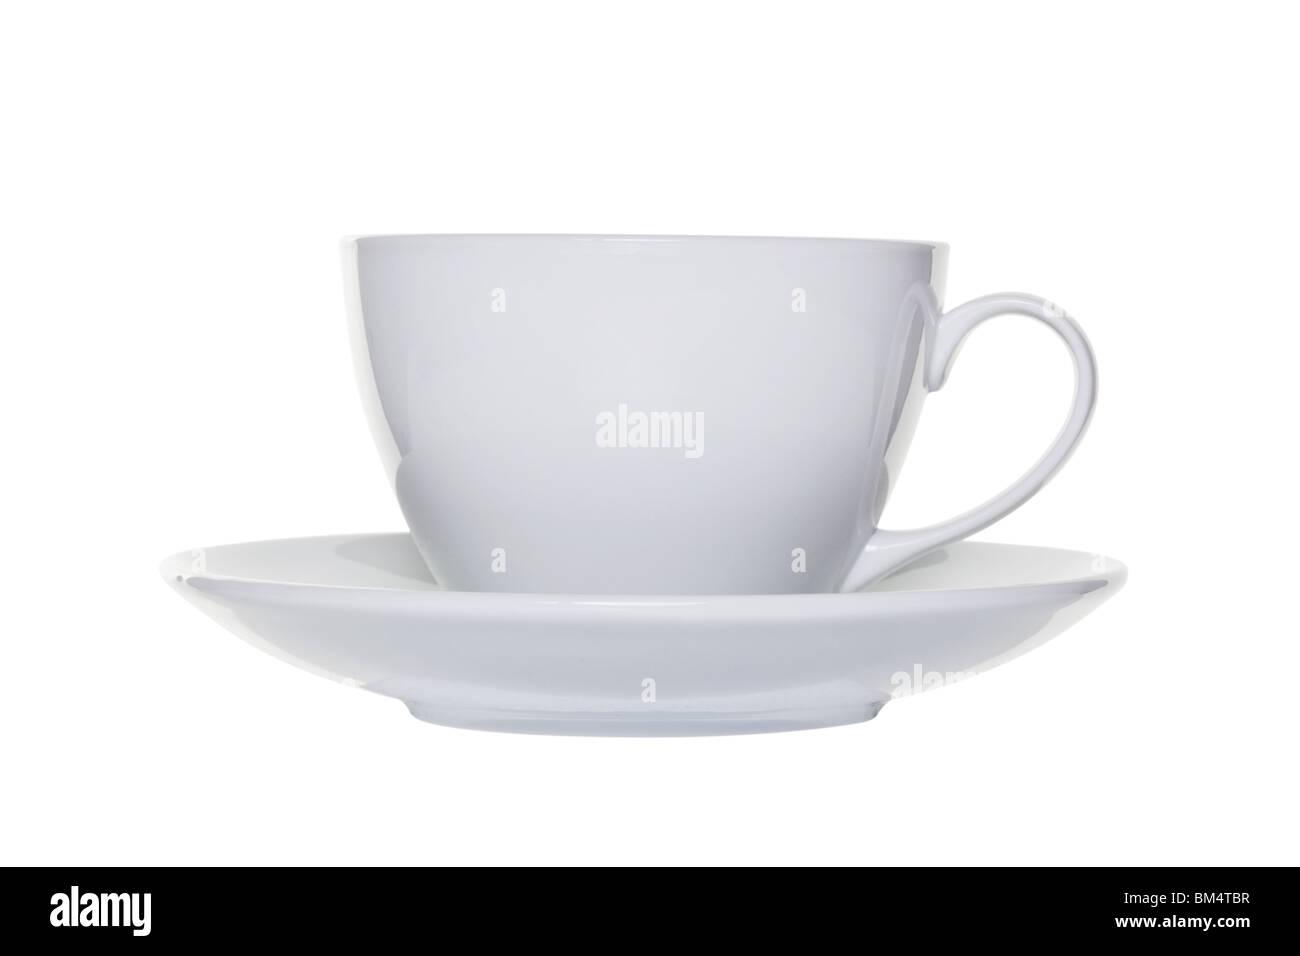 White tazza da caffè con piattino isolato su uno sfondo bianco con tracciato di ritaglio Immagini Stock